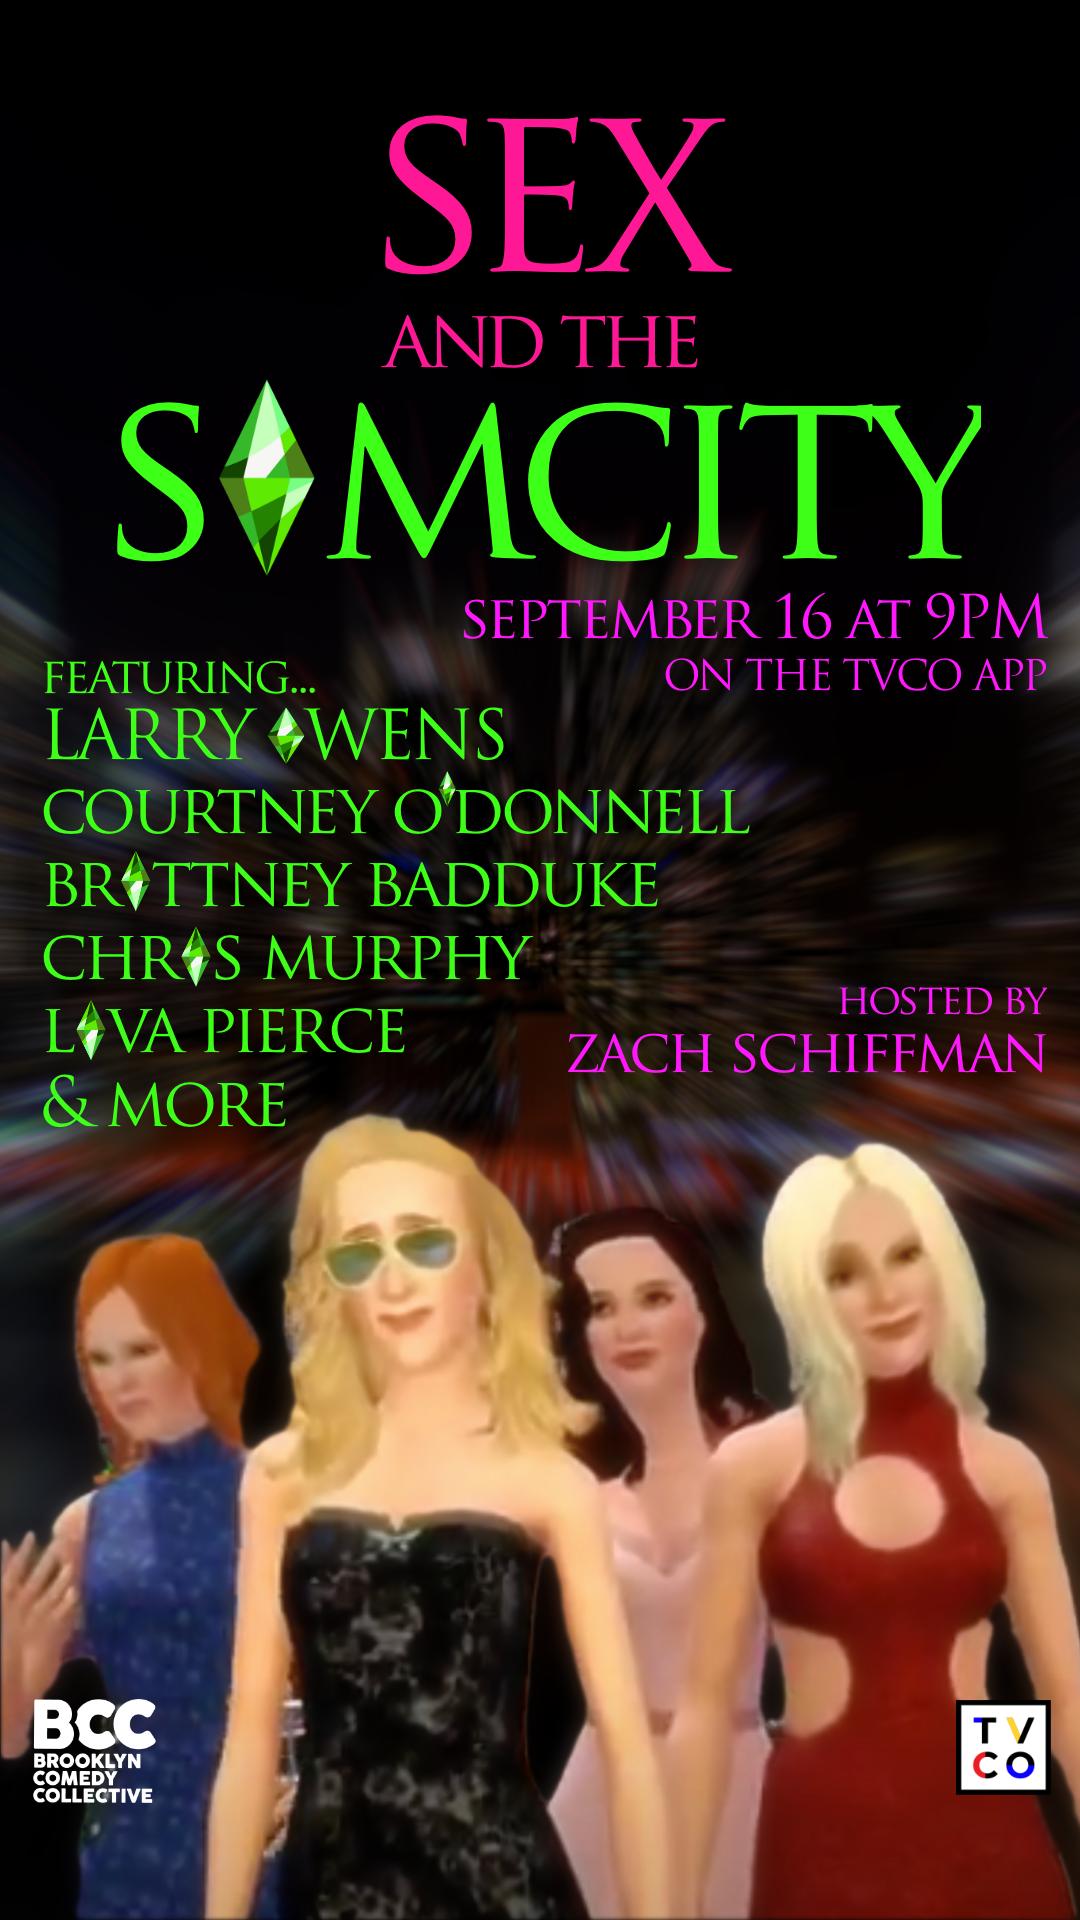 Sex and the Sim City (TVCO Live-stream) - The Comedy Bureau